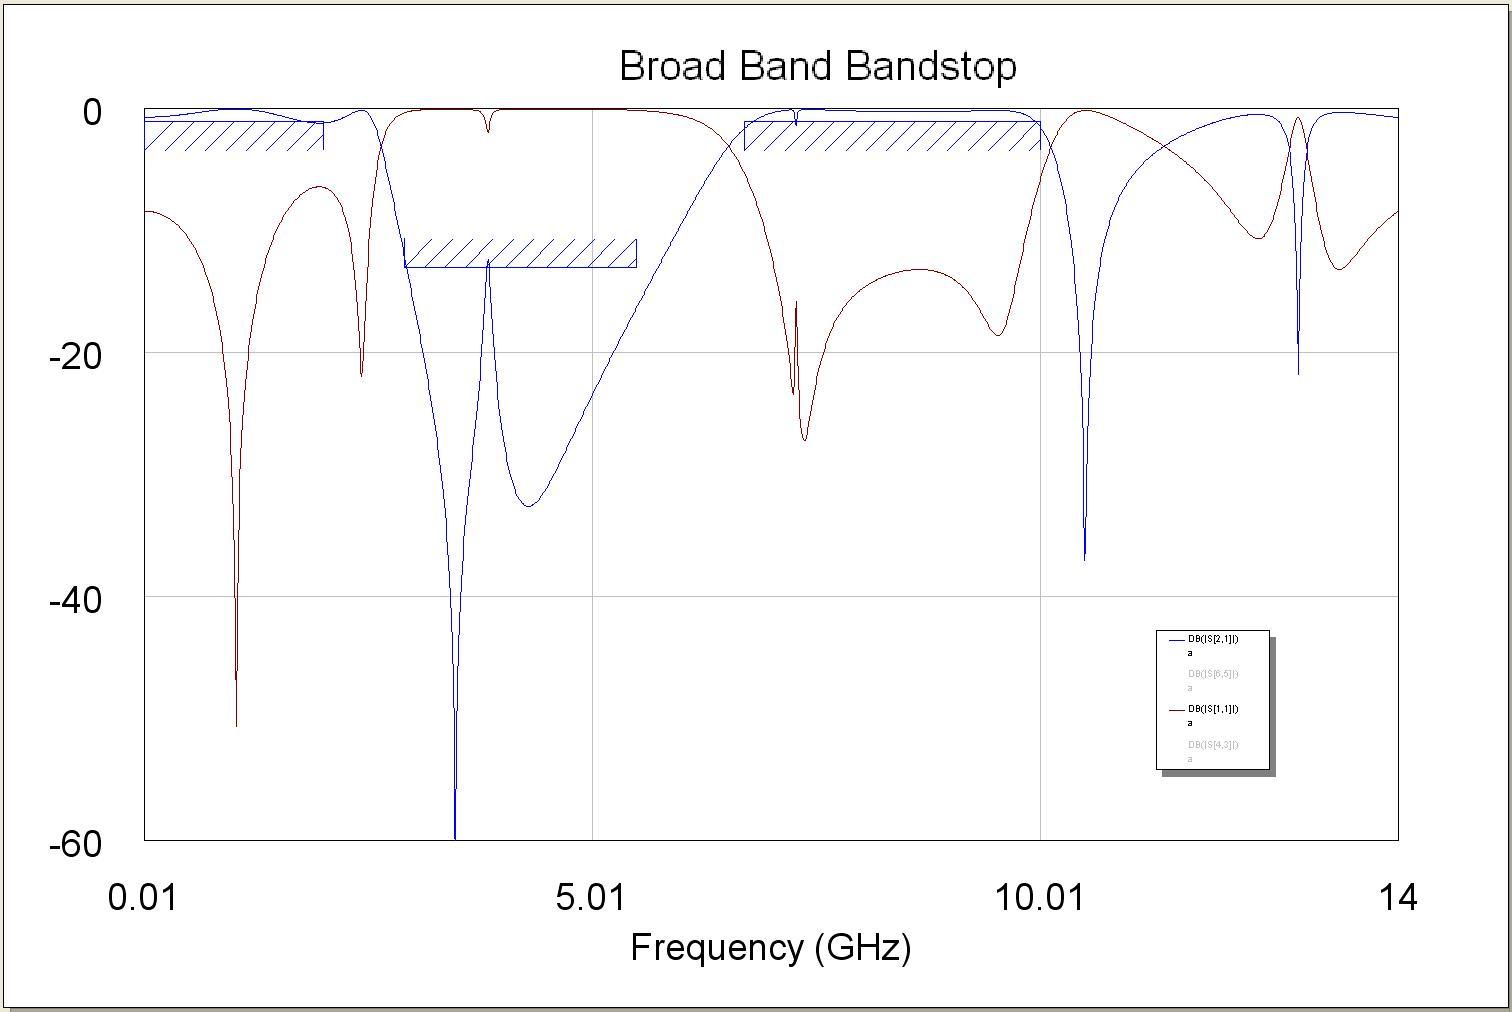 Broad Band Bandpass